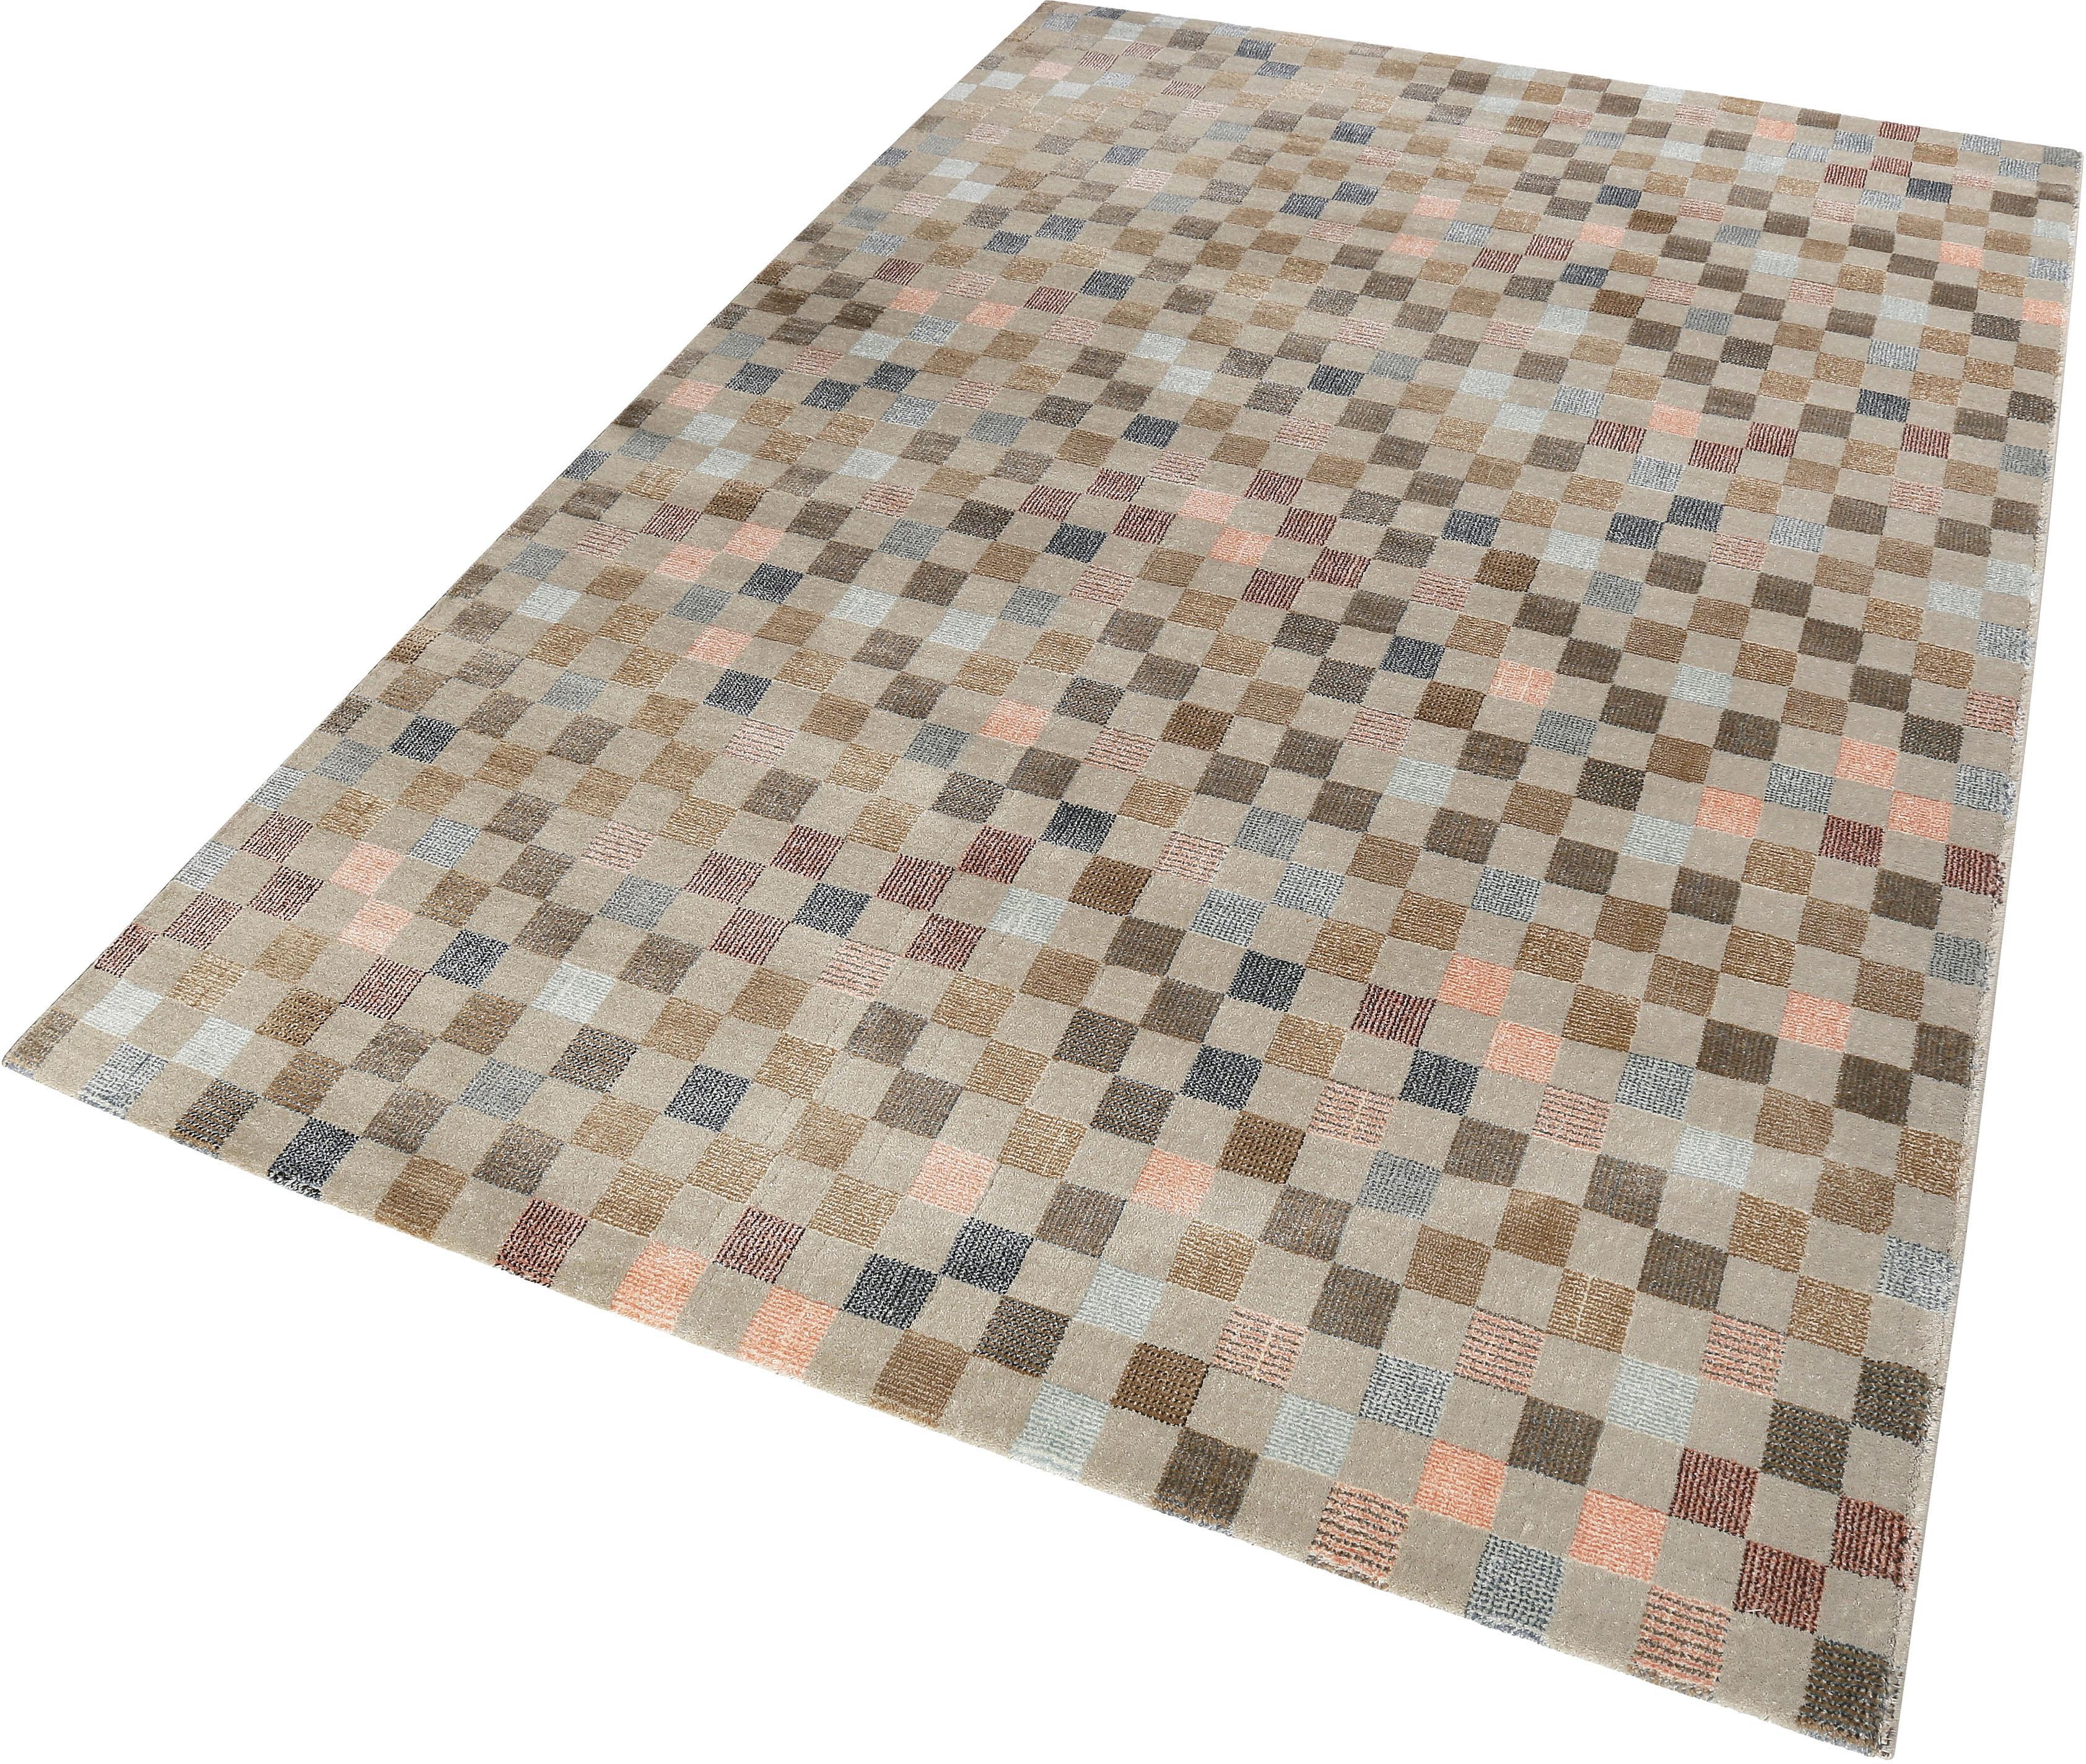 Teppich Physical 20 Wecon Home rechteckig Höhe 8 mm maschinell gewebt